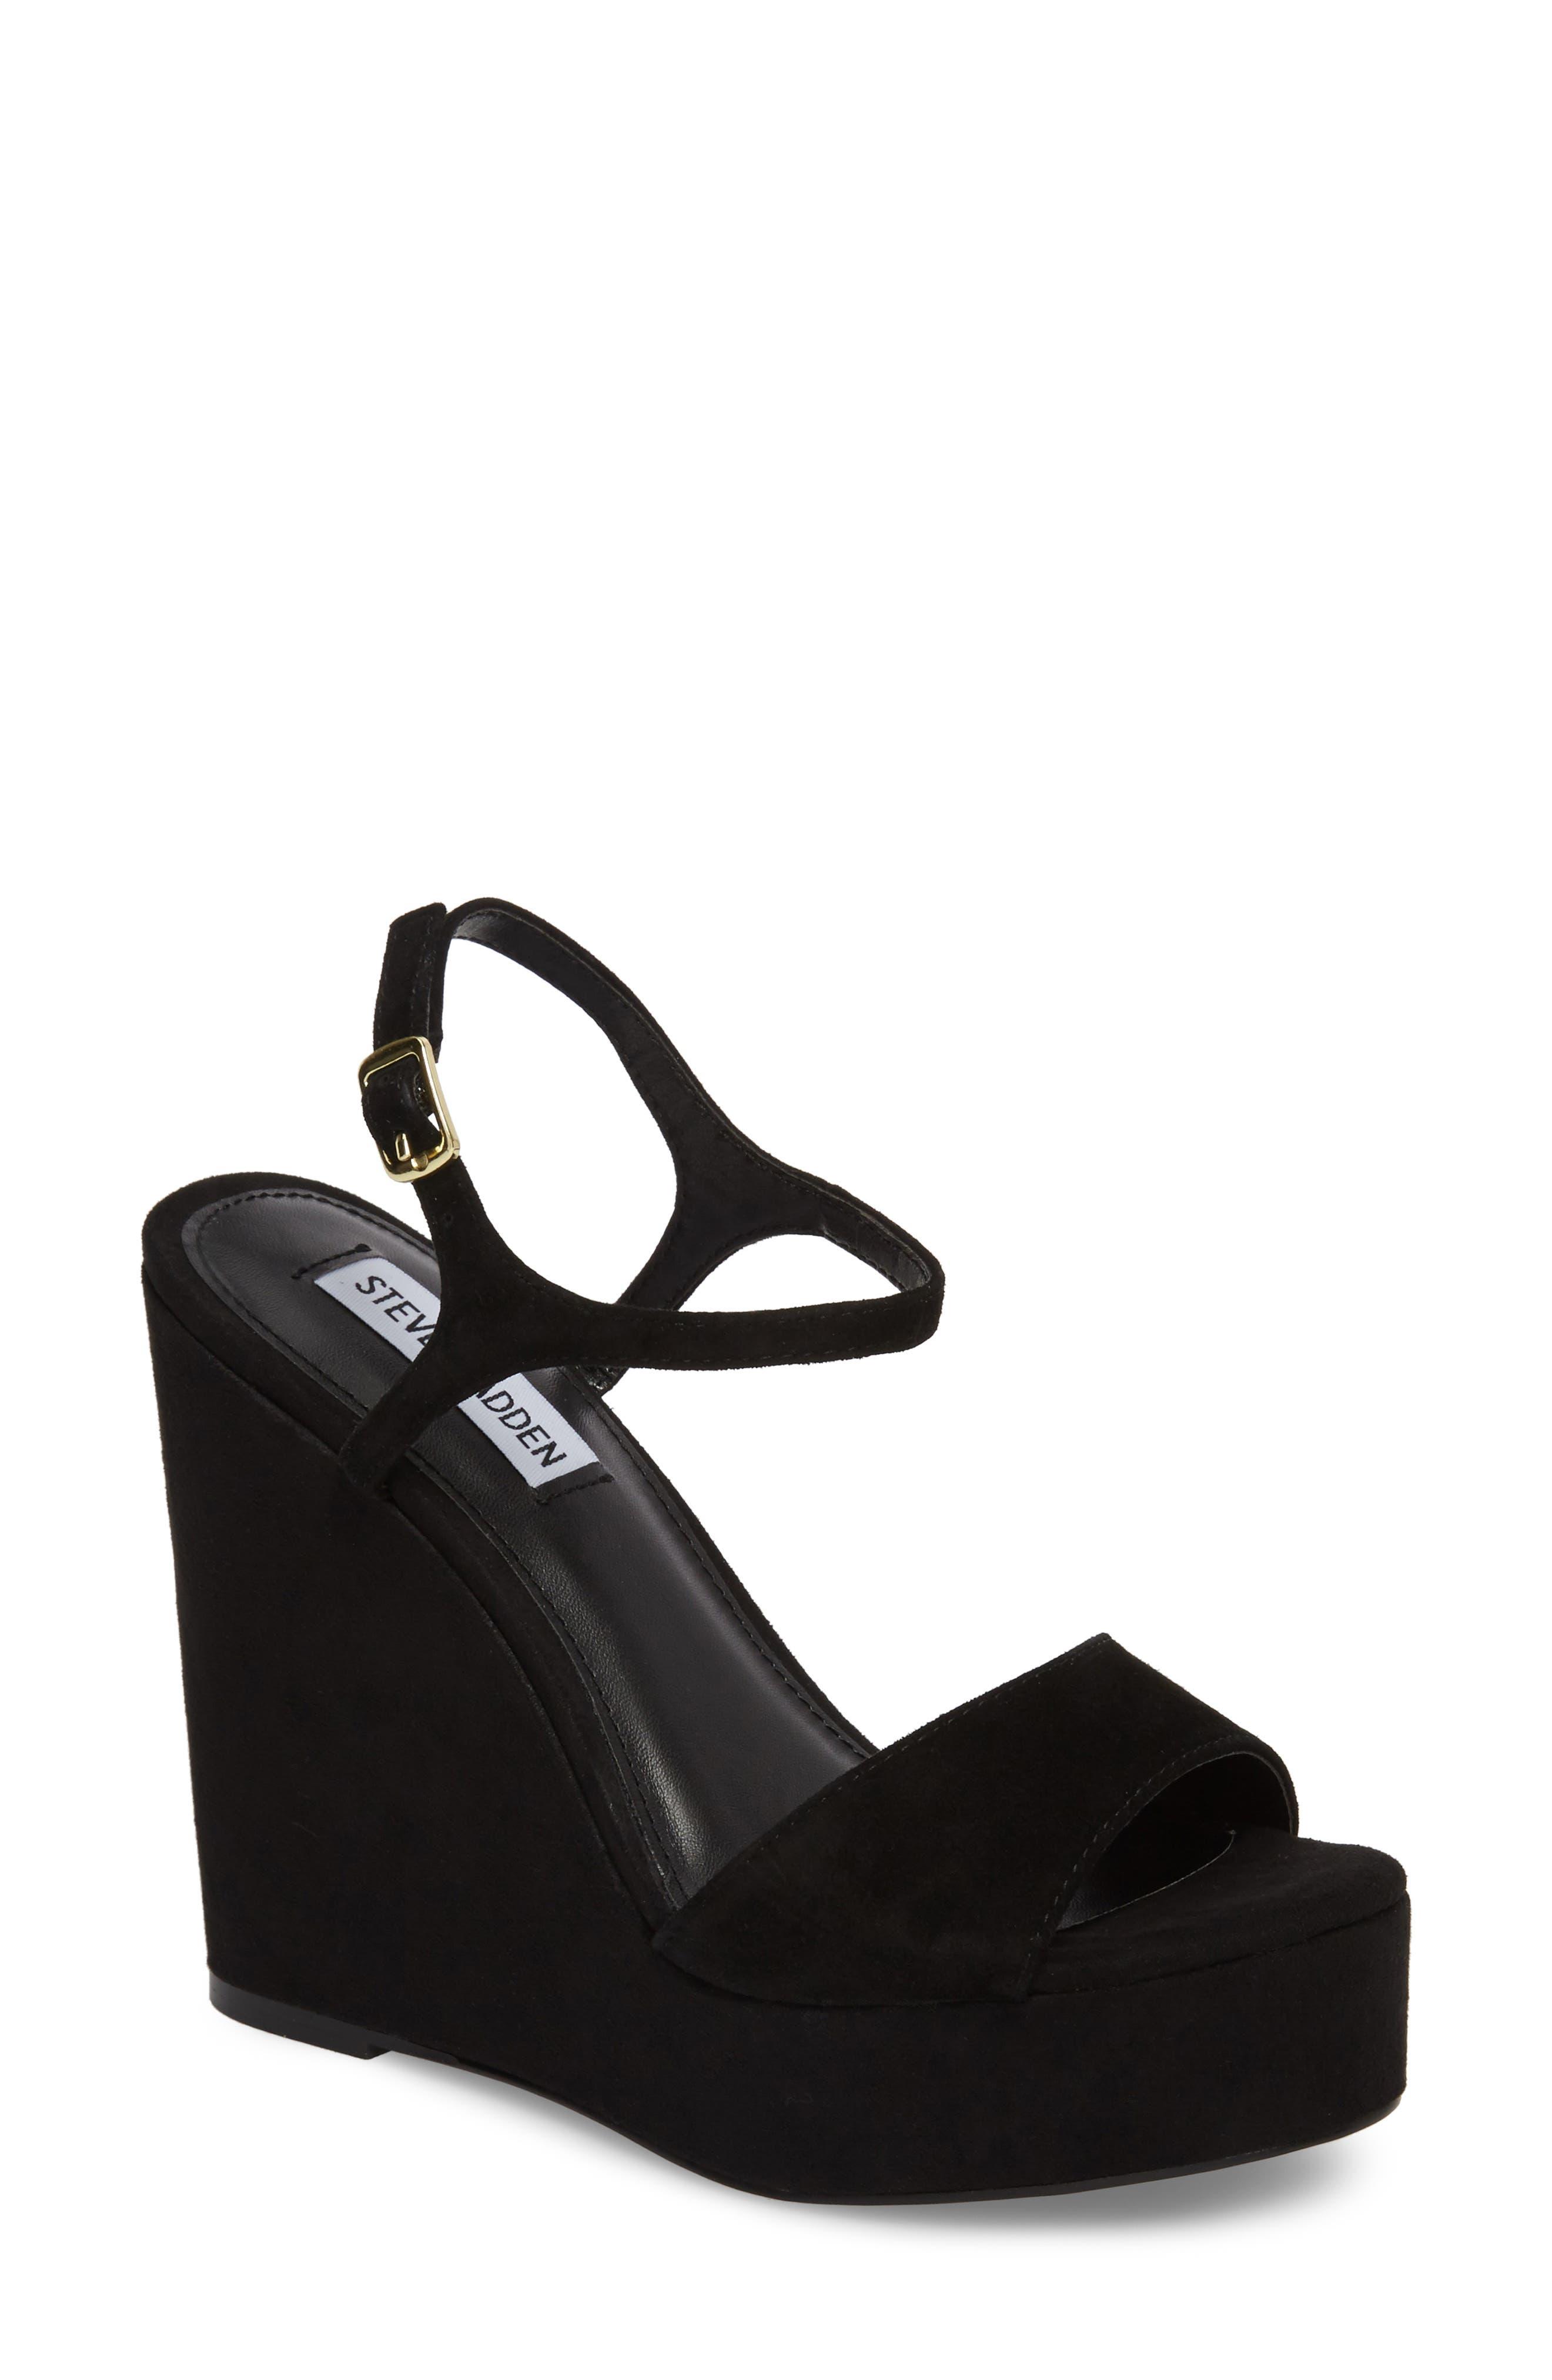 Steve Madden Truce Wedge Sandal (Women)